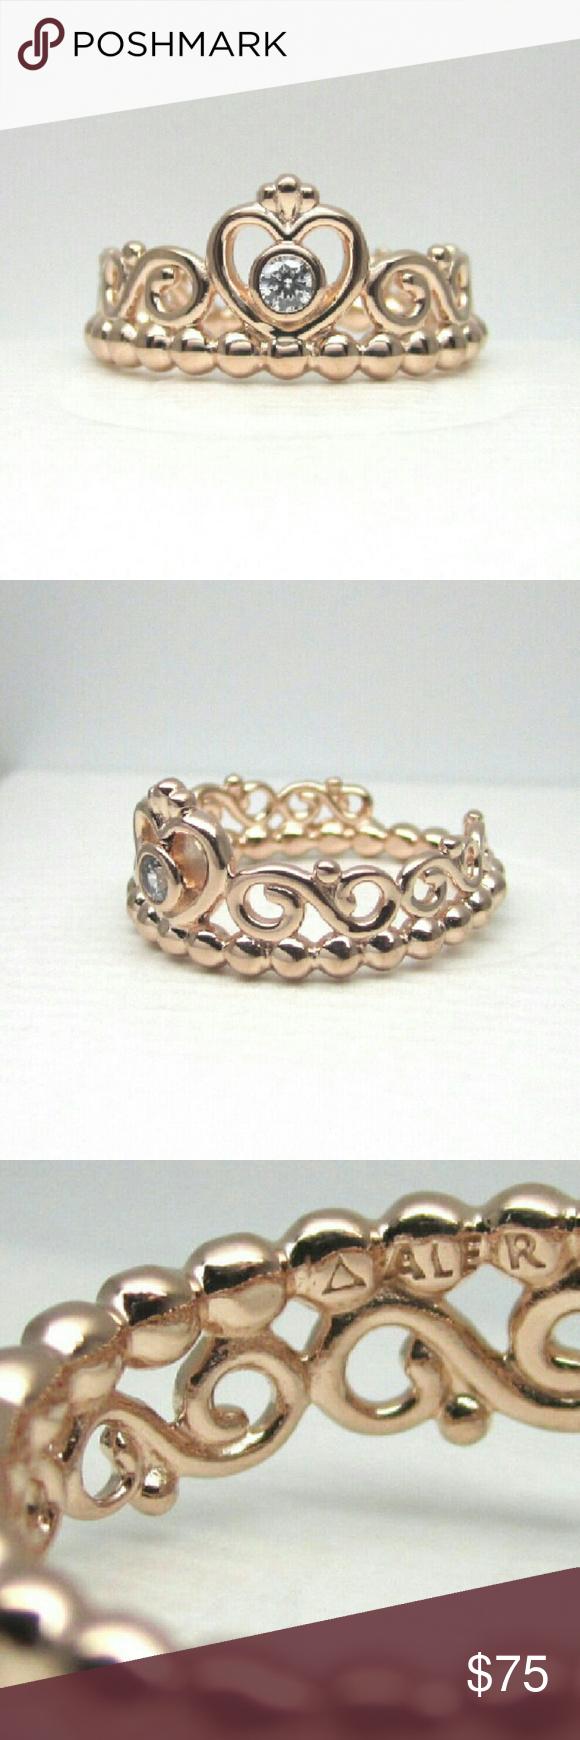 2f3db80ba Pandora Rose Gold My Princess Tiara Ring # 5 Pandora Rose Gold My Princess  Tiara Ring